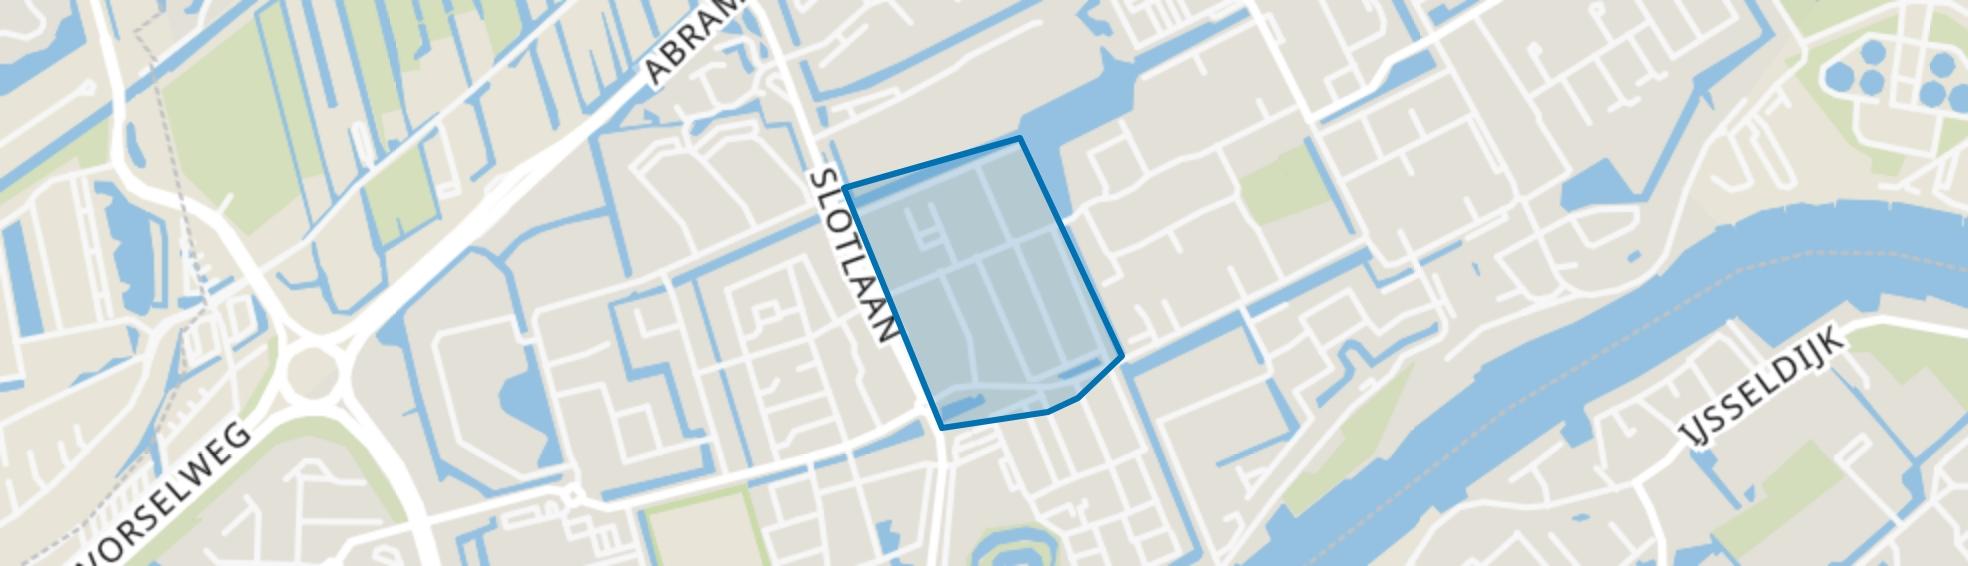 Schildersbuurt, Capelle aan den IJssel map